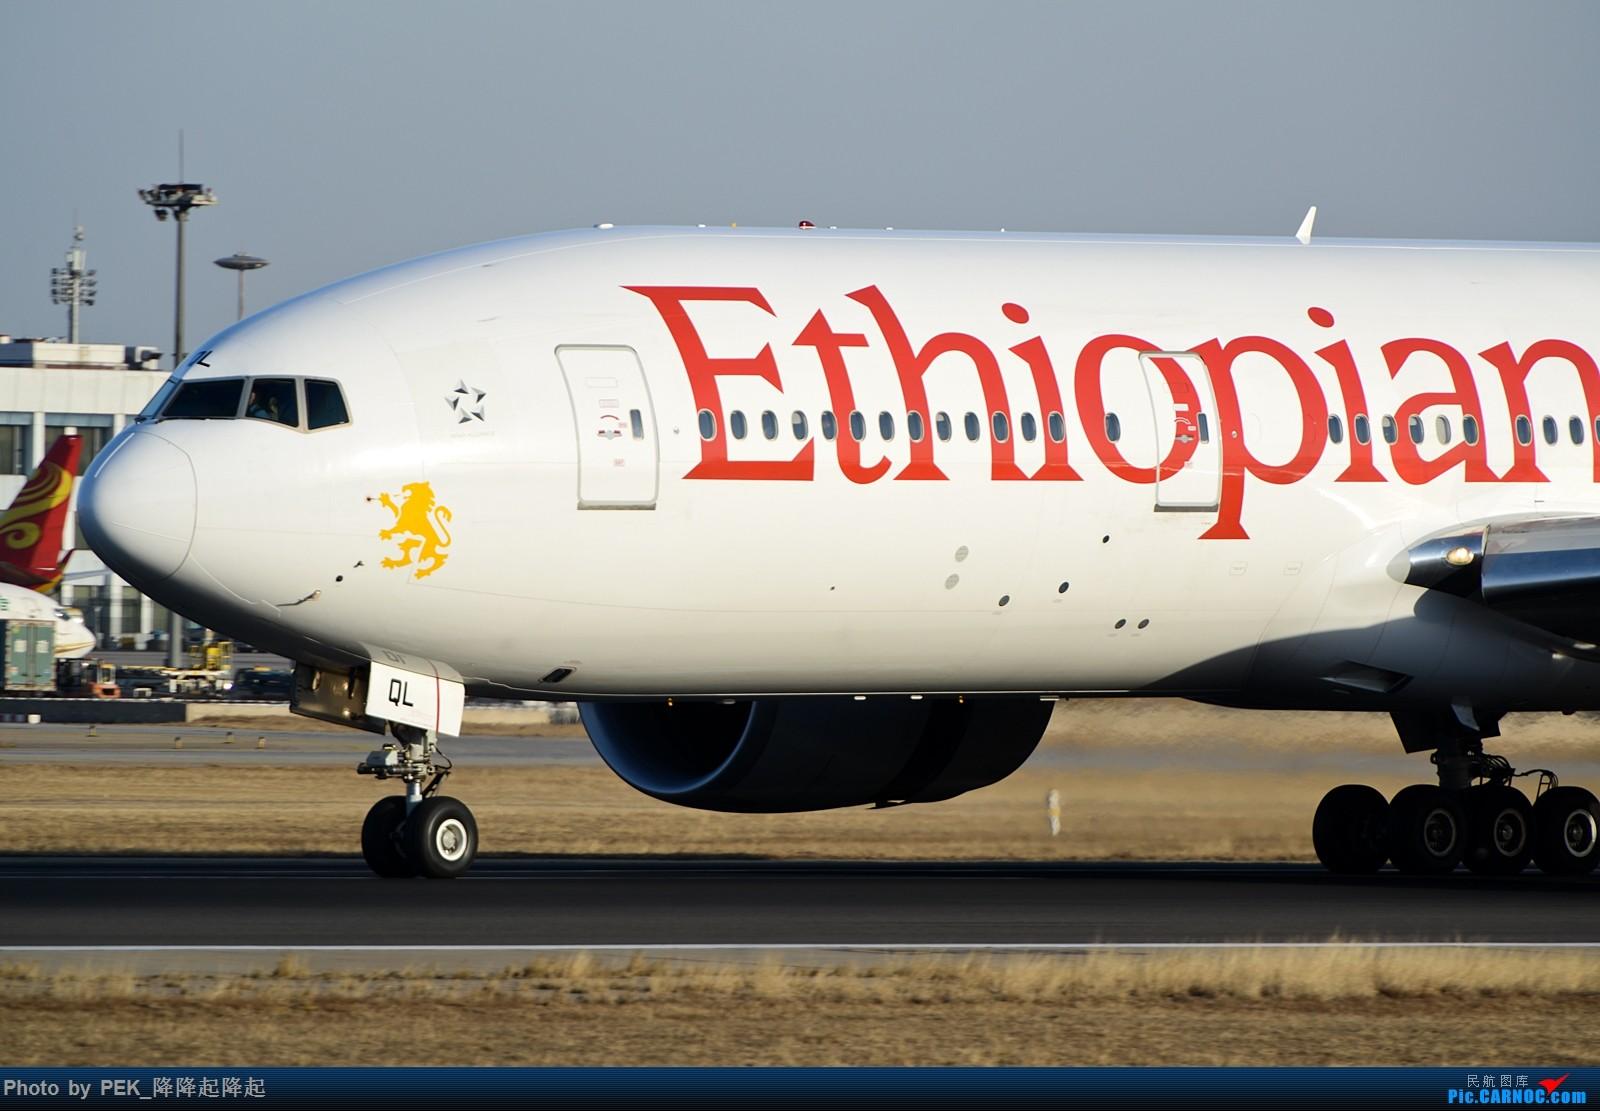 [原创]【PEK】埃塞俄比亚航空 B777-200LR E